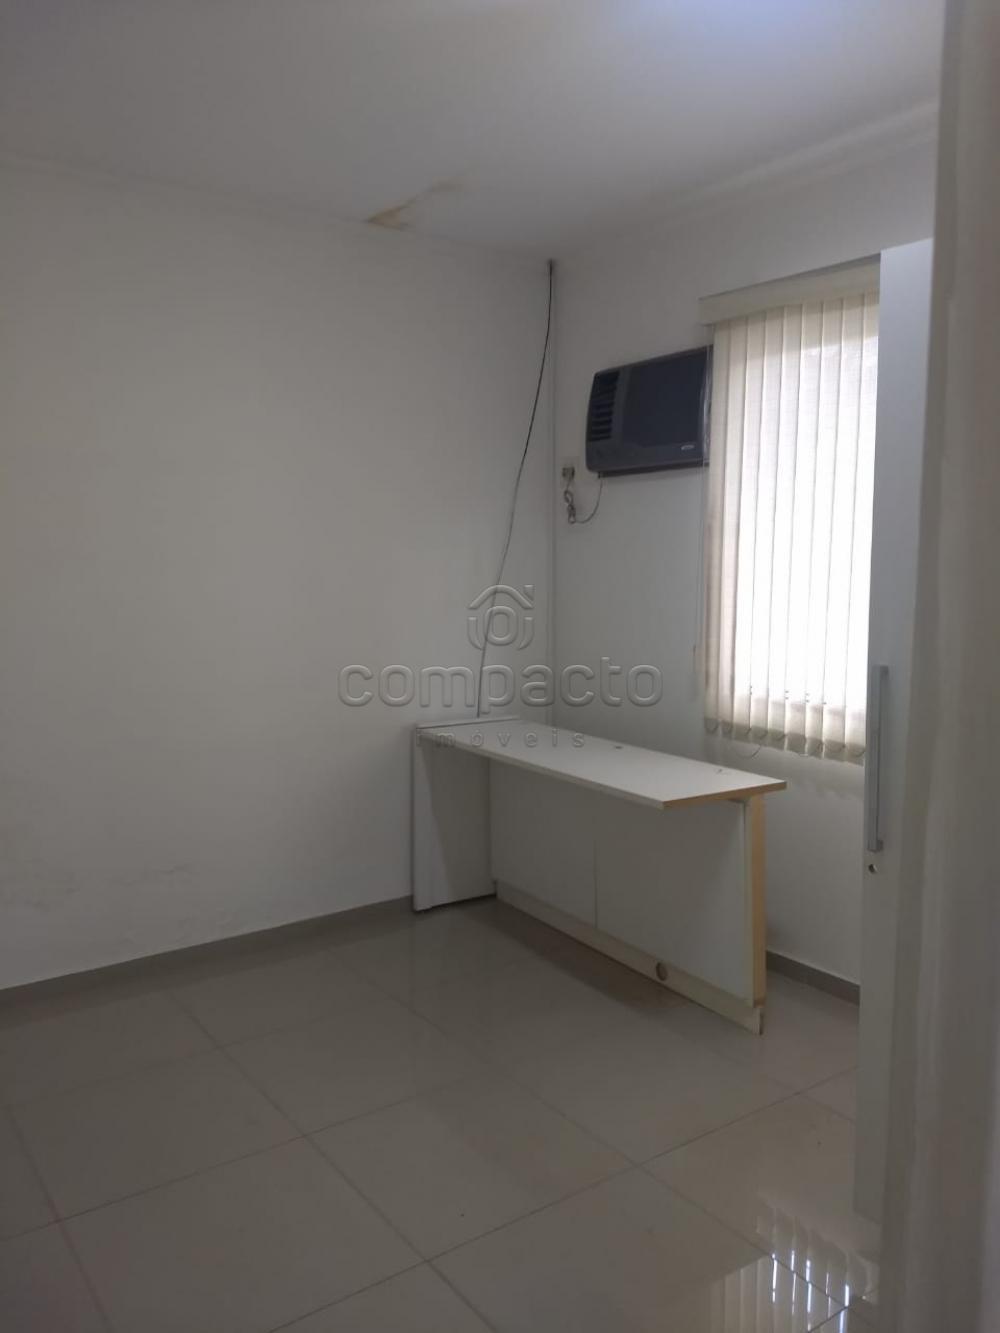 Alugar Comercial / Casa em São José do Rio Preto apenas R$ 2.200,00 - Foto 9